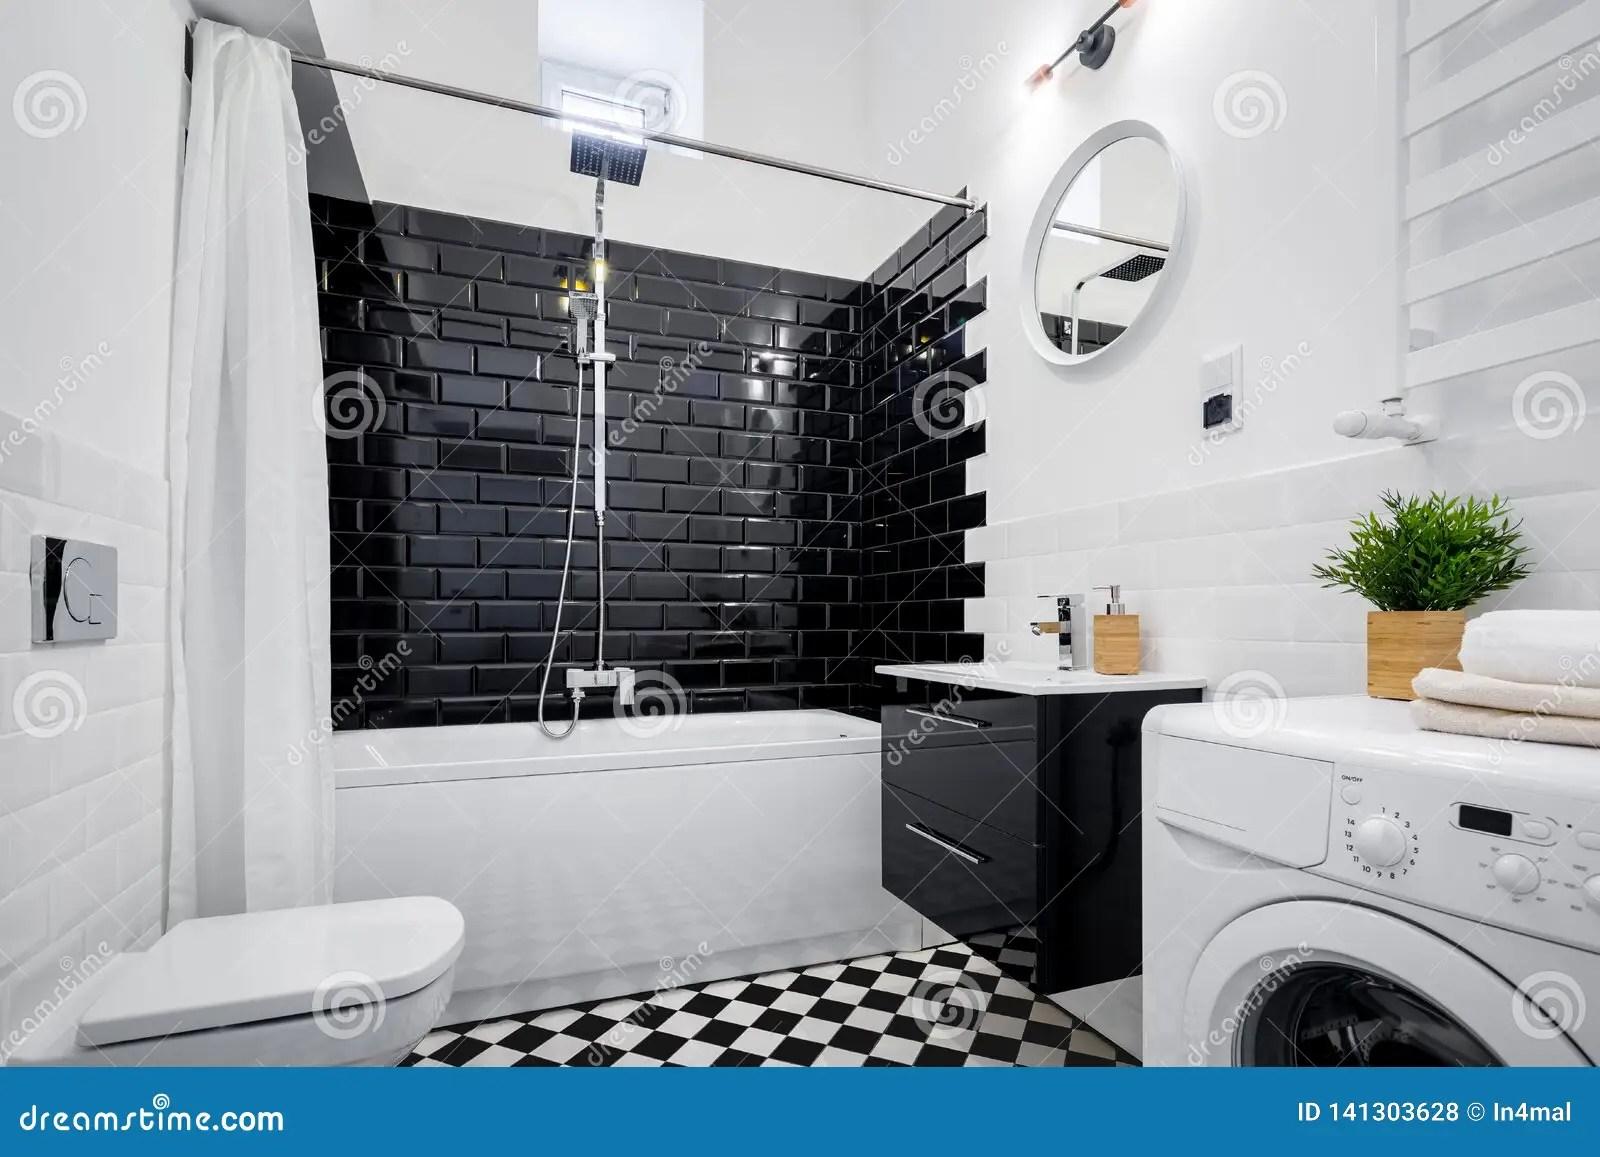 https fr dreamstime com salle bains noire blanche baignoire moderne toilette joint image141303628